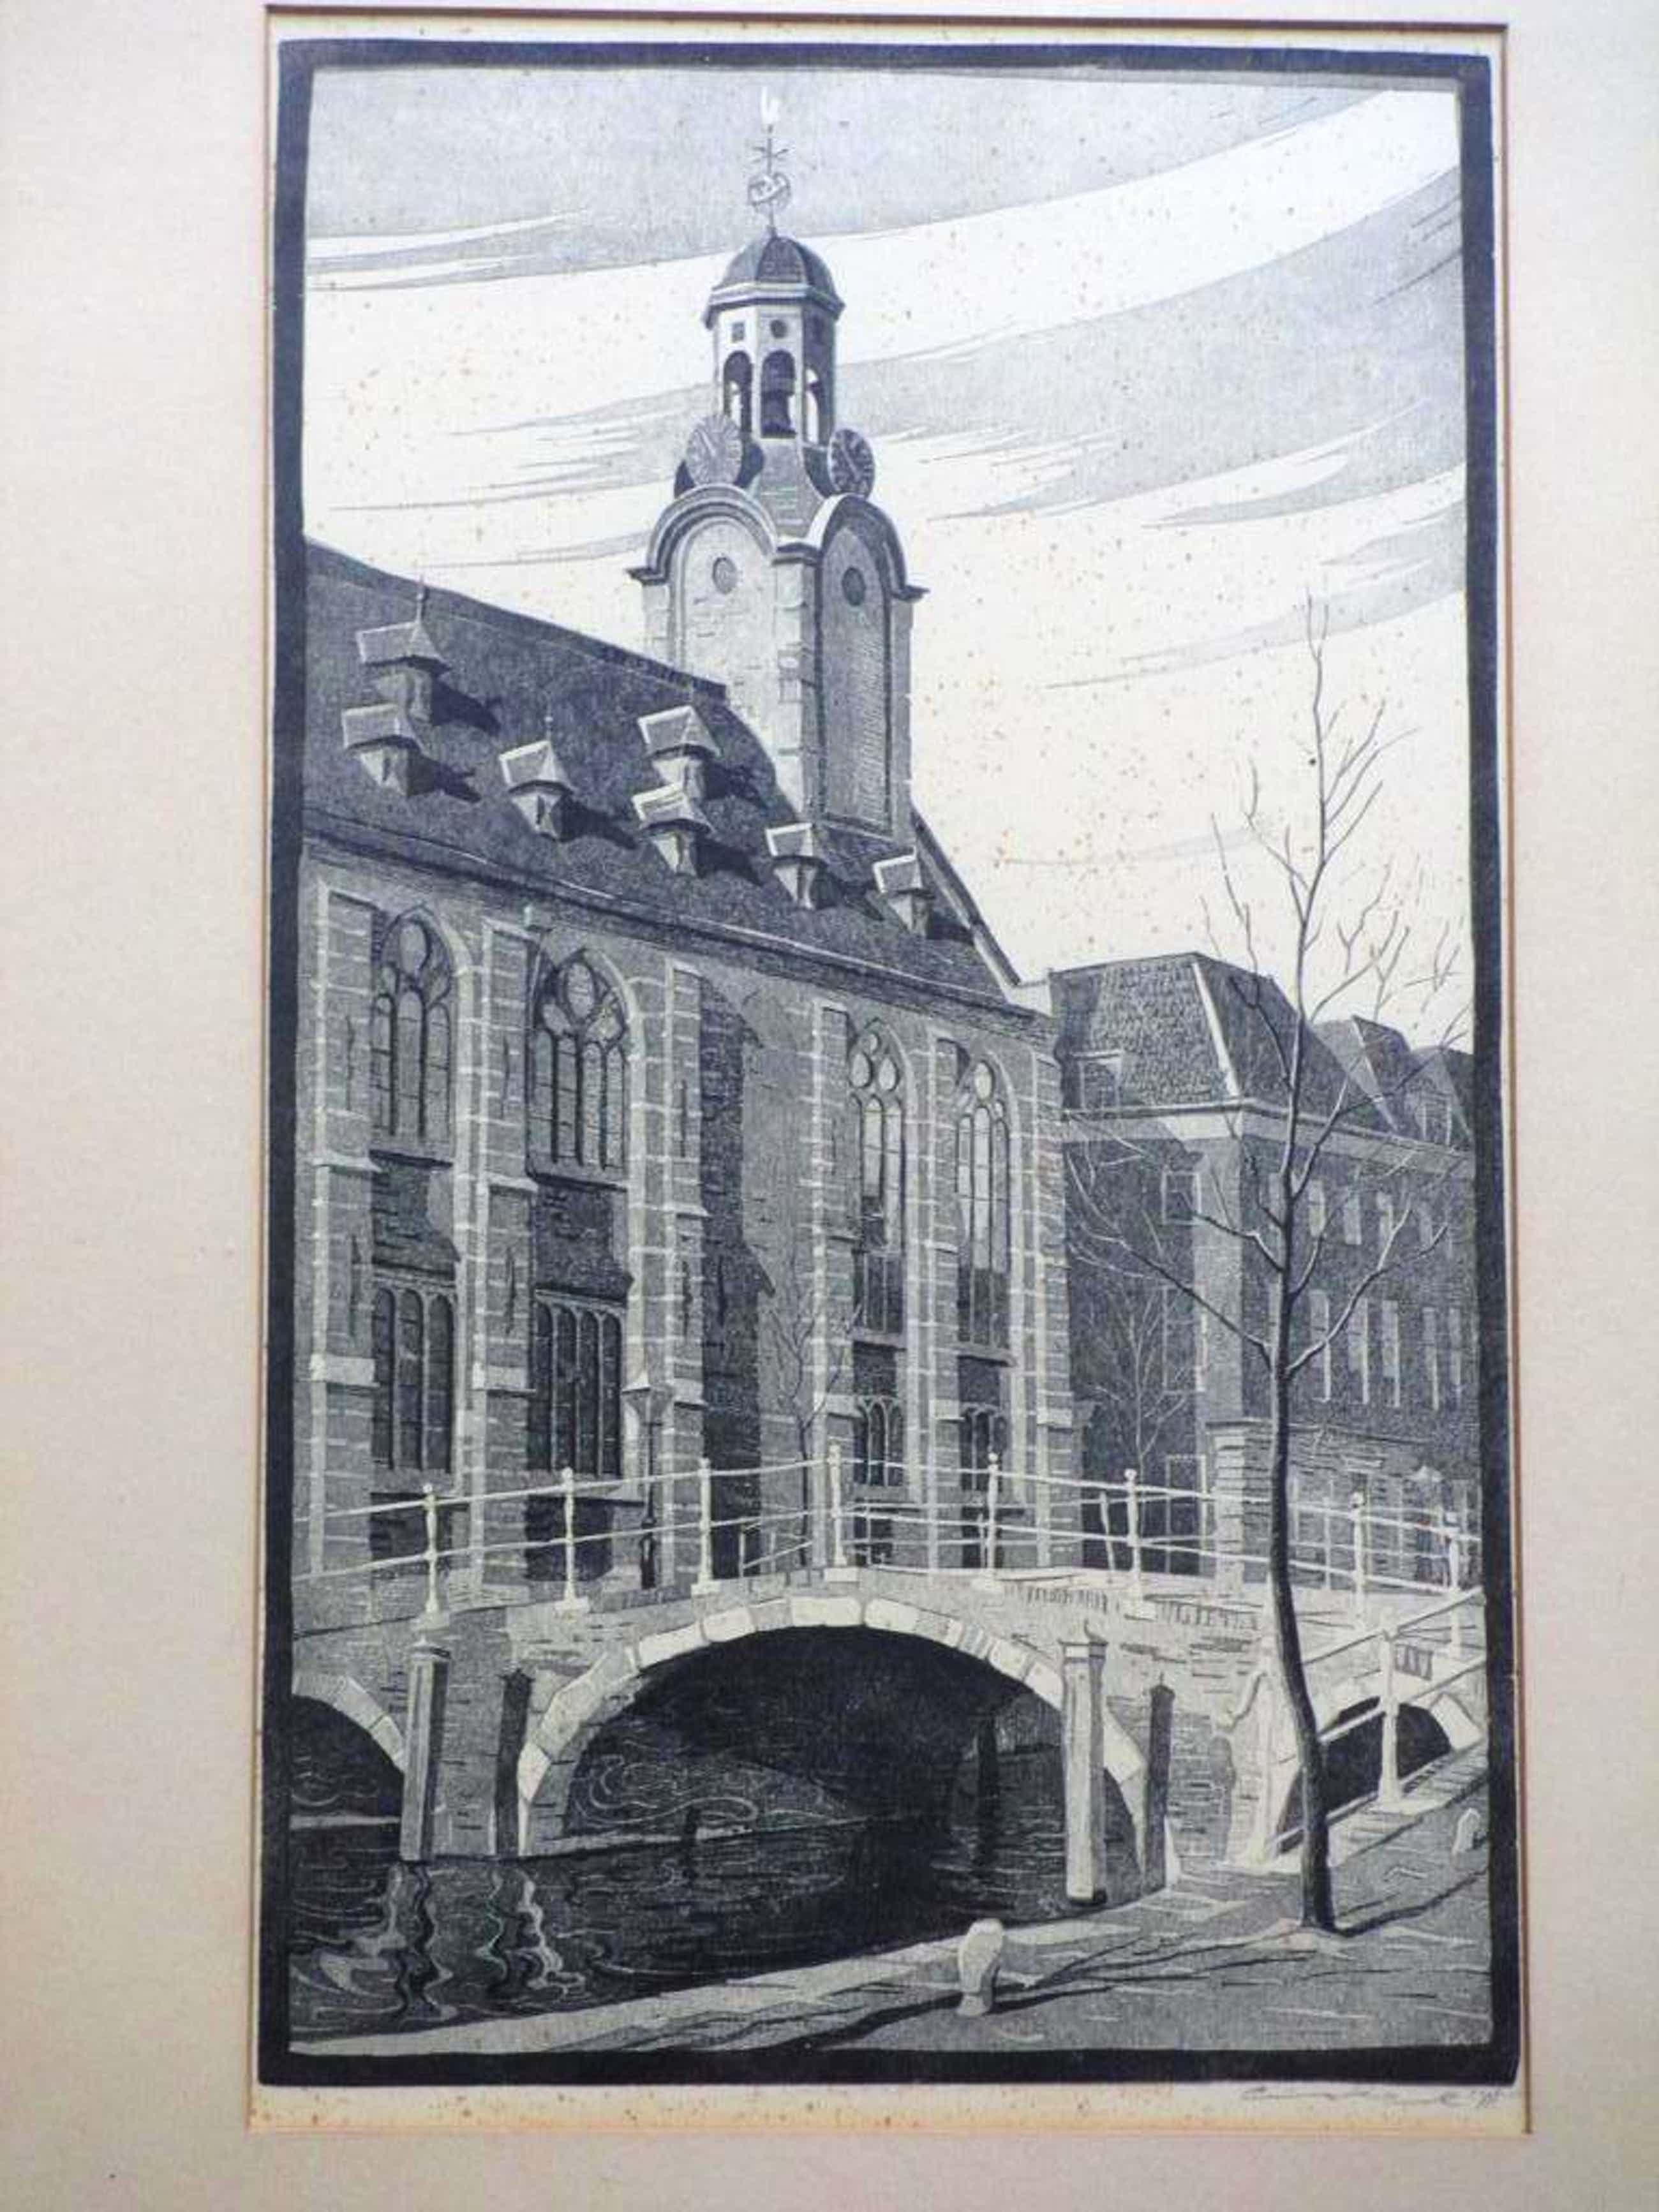 Cornelis van Oel, Houtsnede, Academiegebouw Rapenburg Leiden kopen? Bied vanaf 40!